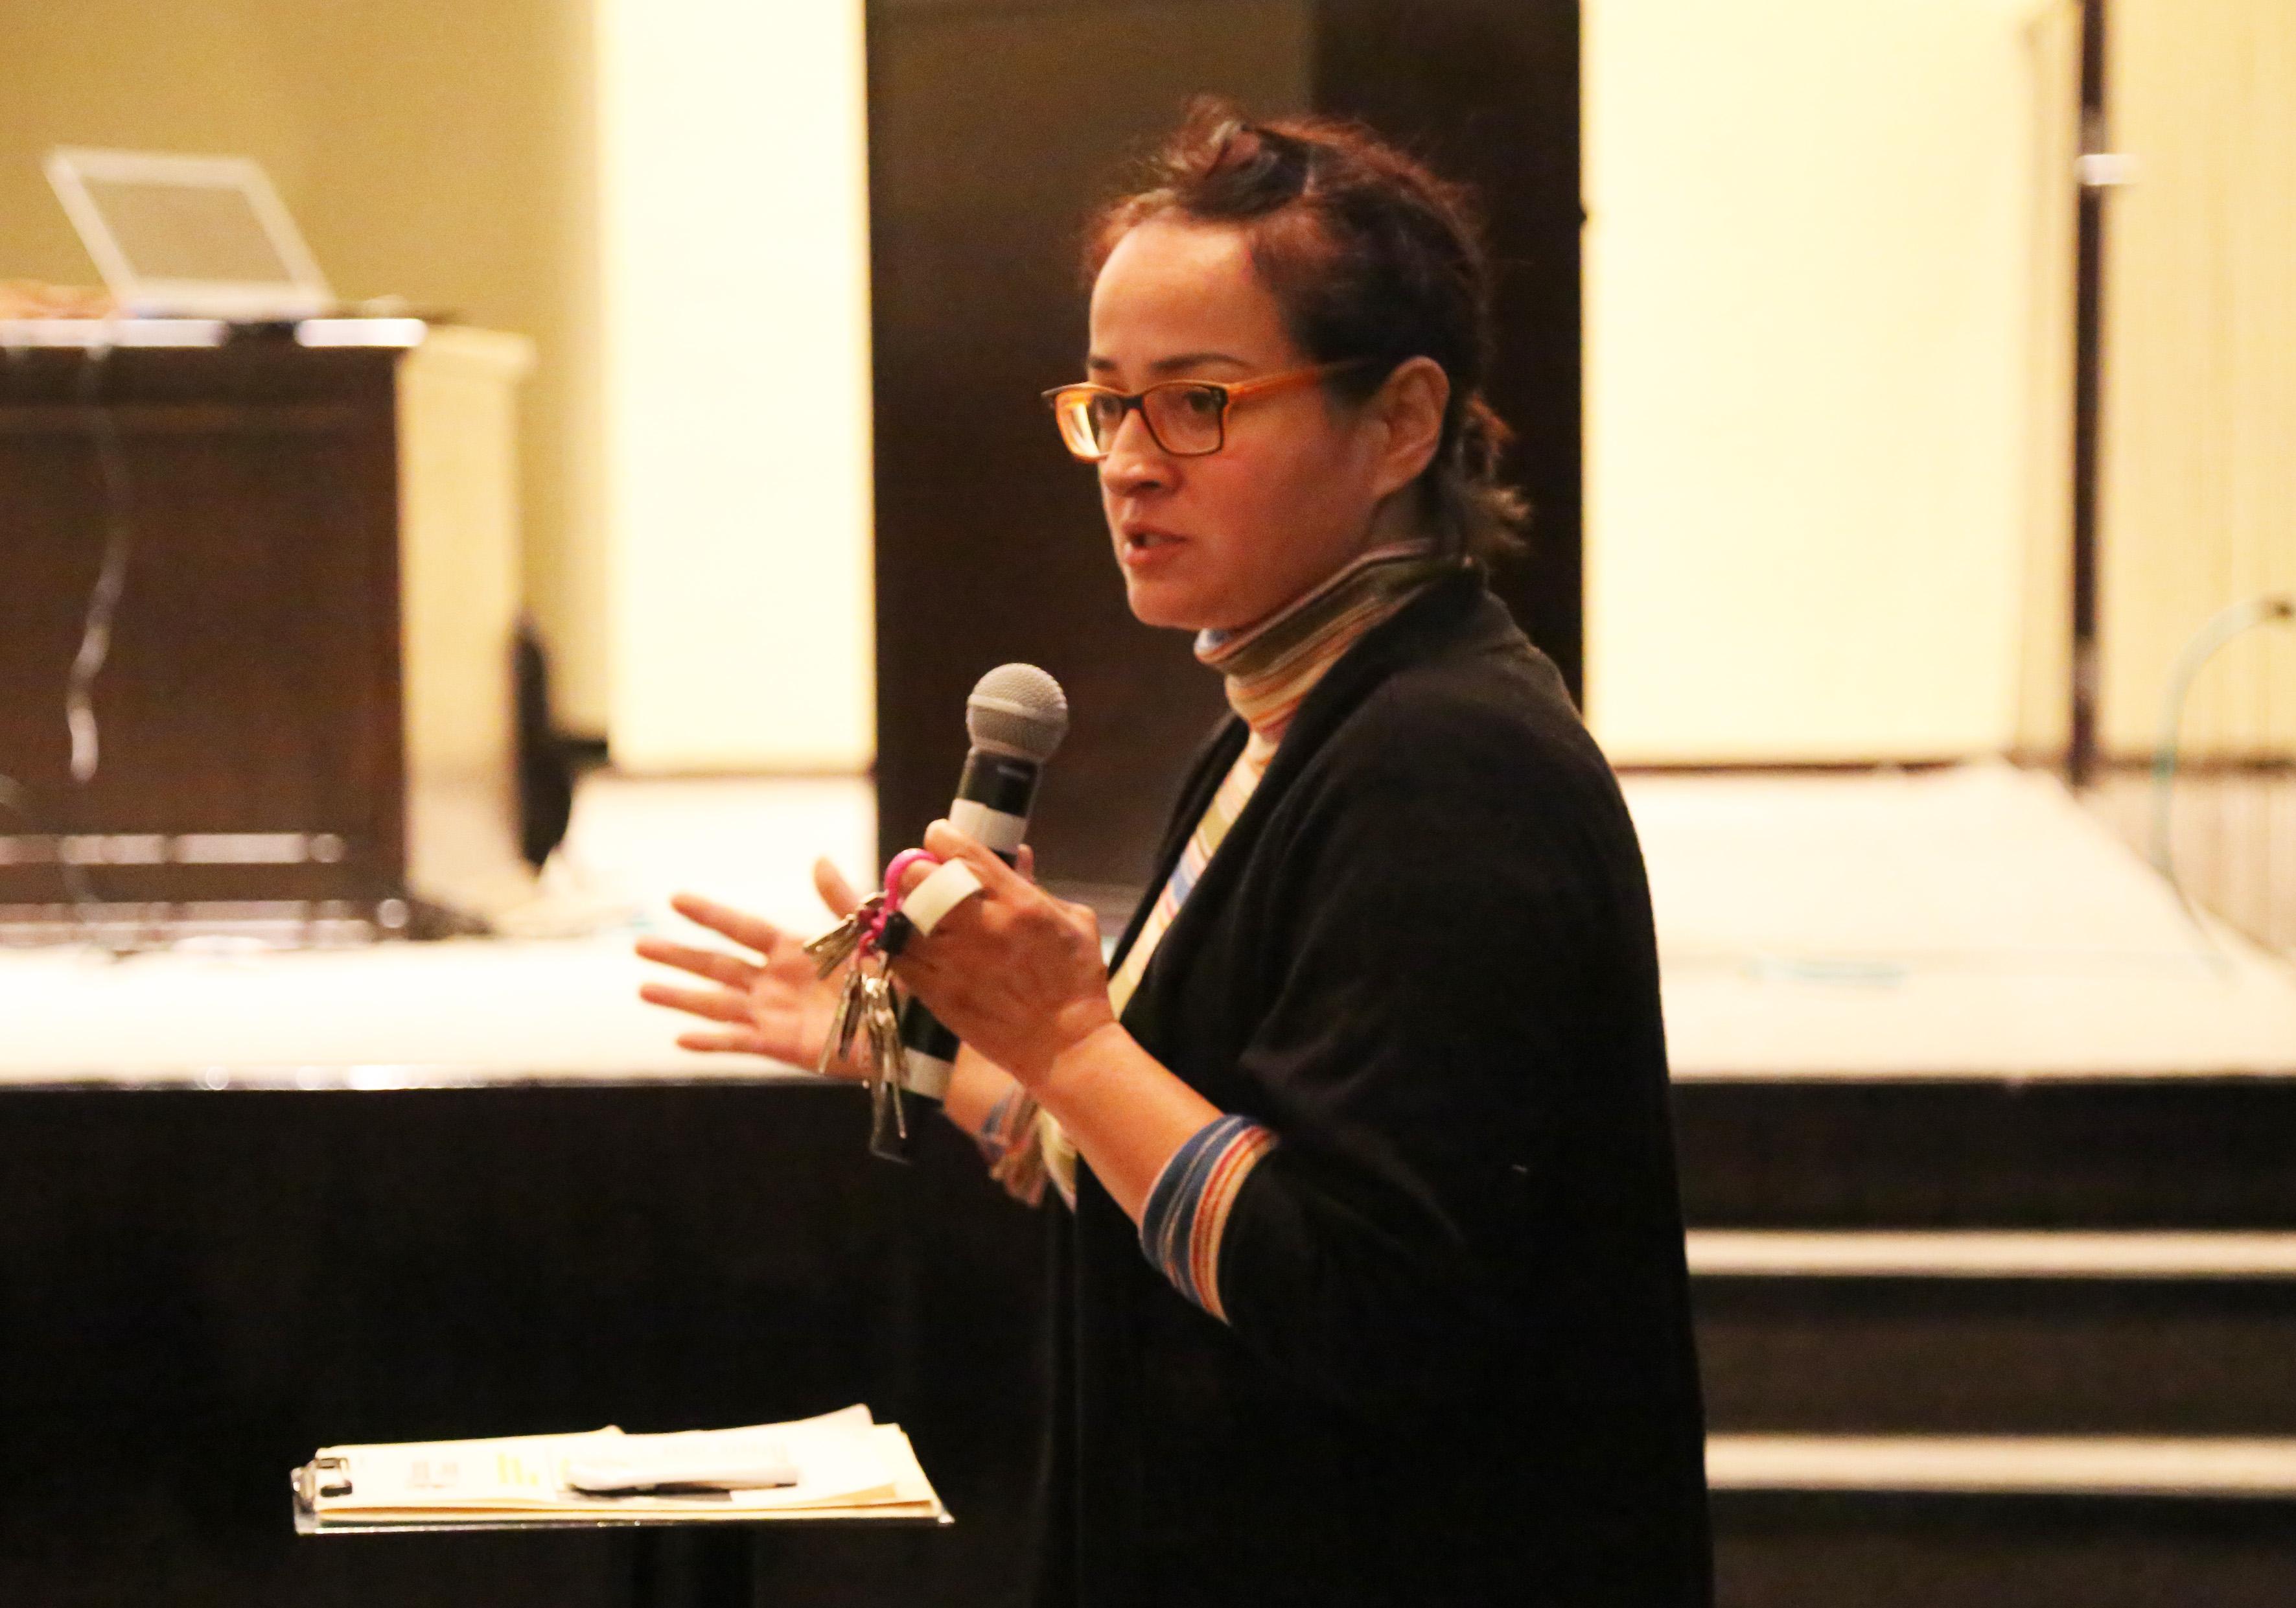 Doctora del Departamento de Ciencias Computacionales del CUCEI, Norma Ramírez Hernández, con mic´rofono en mano haciendo uso de la palabra.